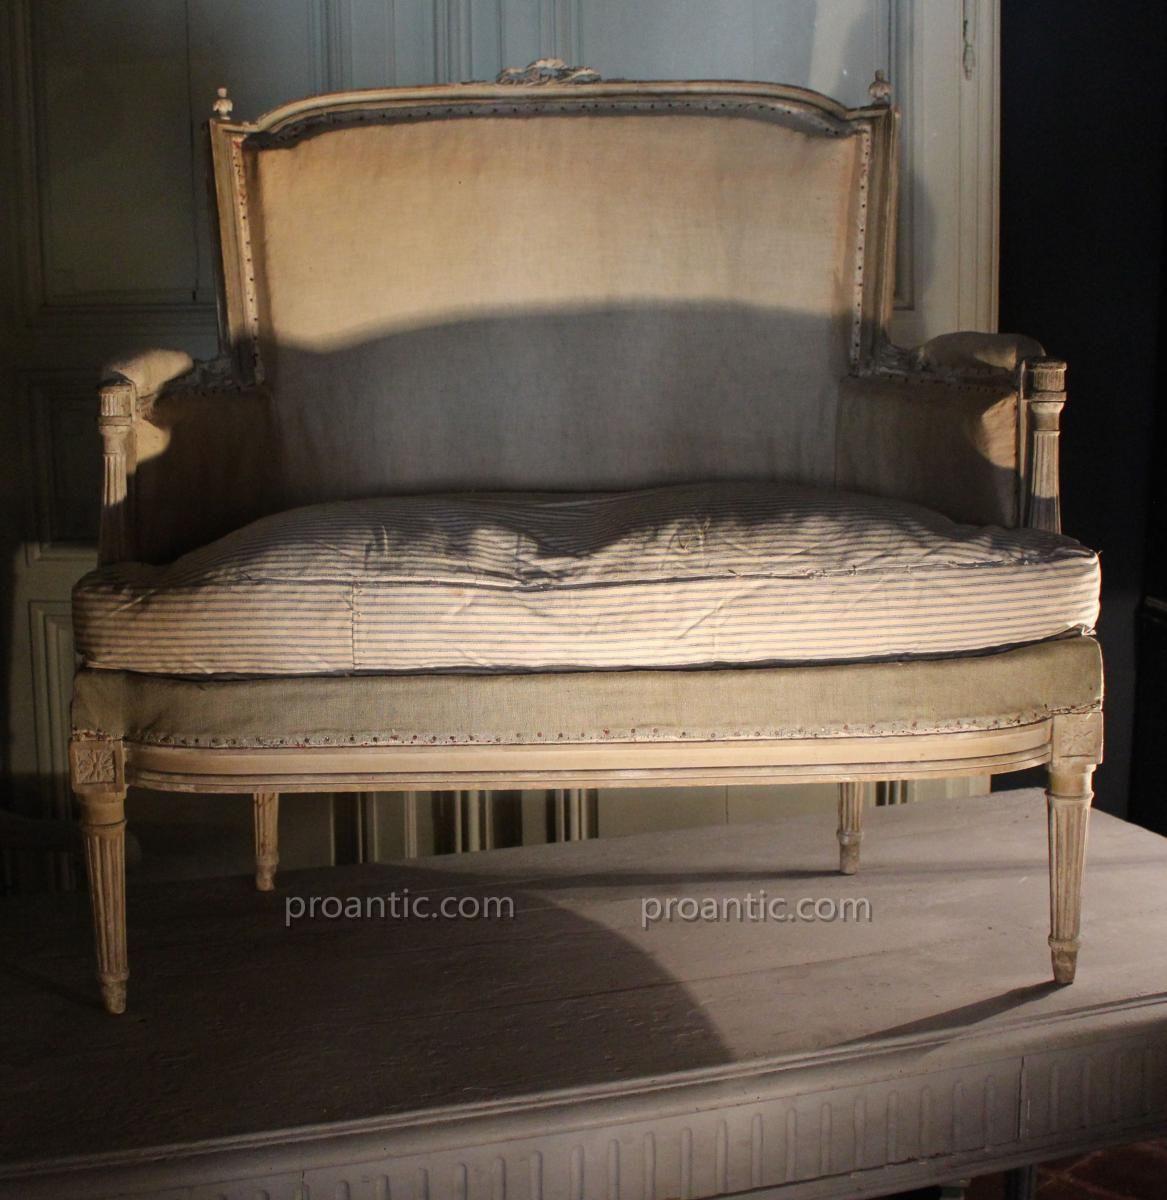 petite banquette louis xvi galerie de la madeleine. Black Bedroom Furniture Sets. Home Design Ideas